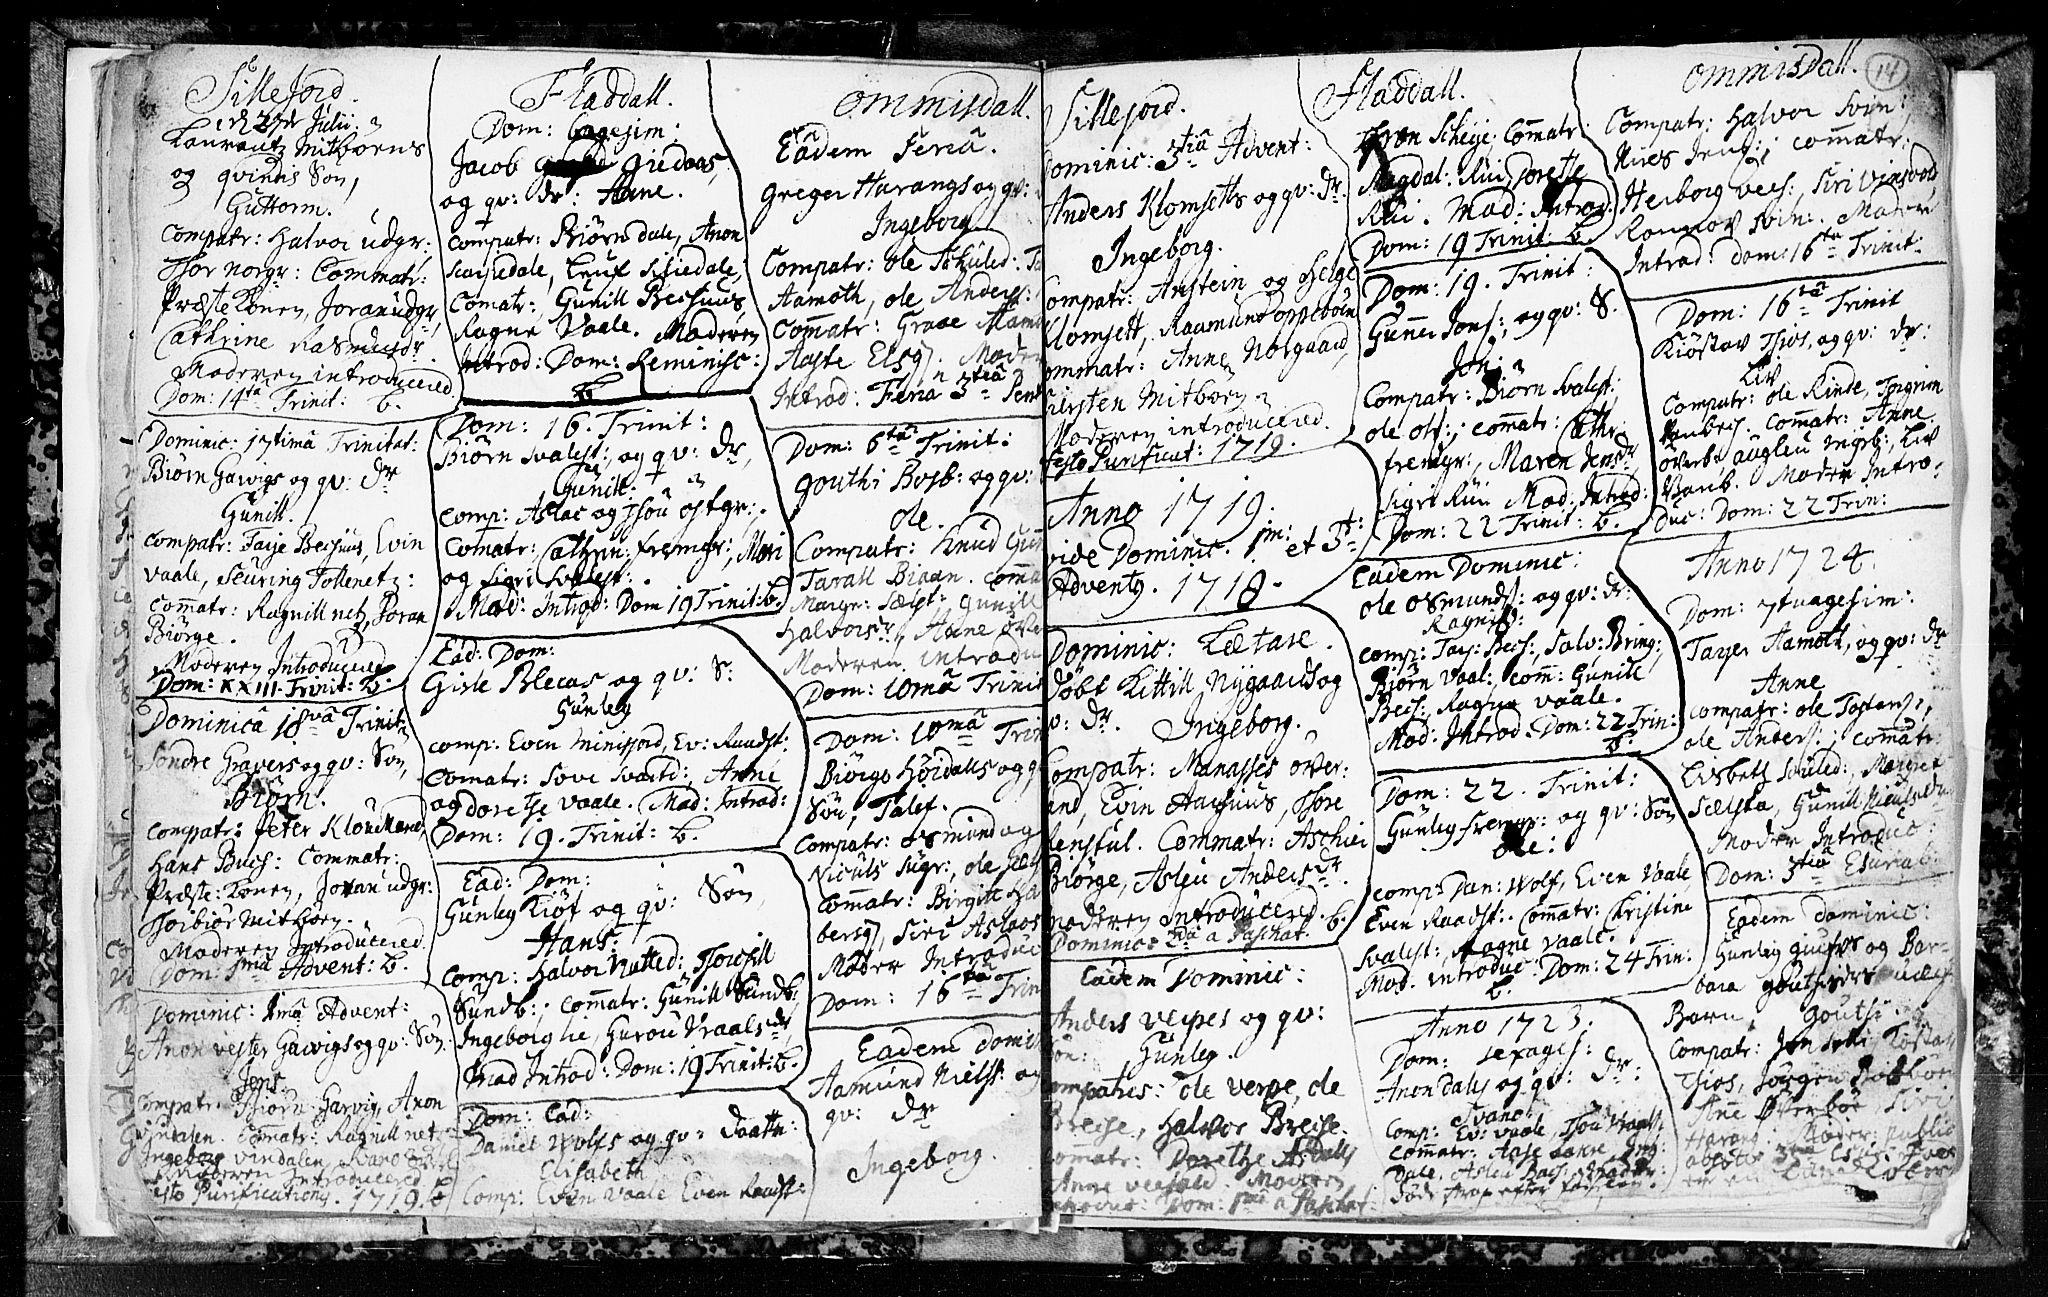 SAKO, Seljord kirkebøker, F/Fa/L0003: Ministerialbok nr. I 3, 1714-1725, s. 14